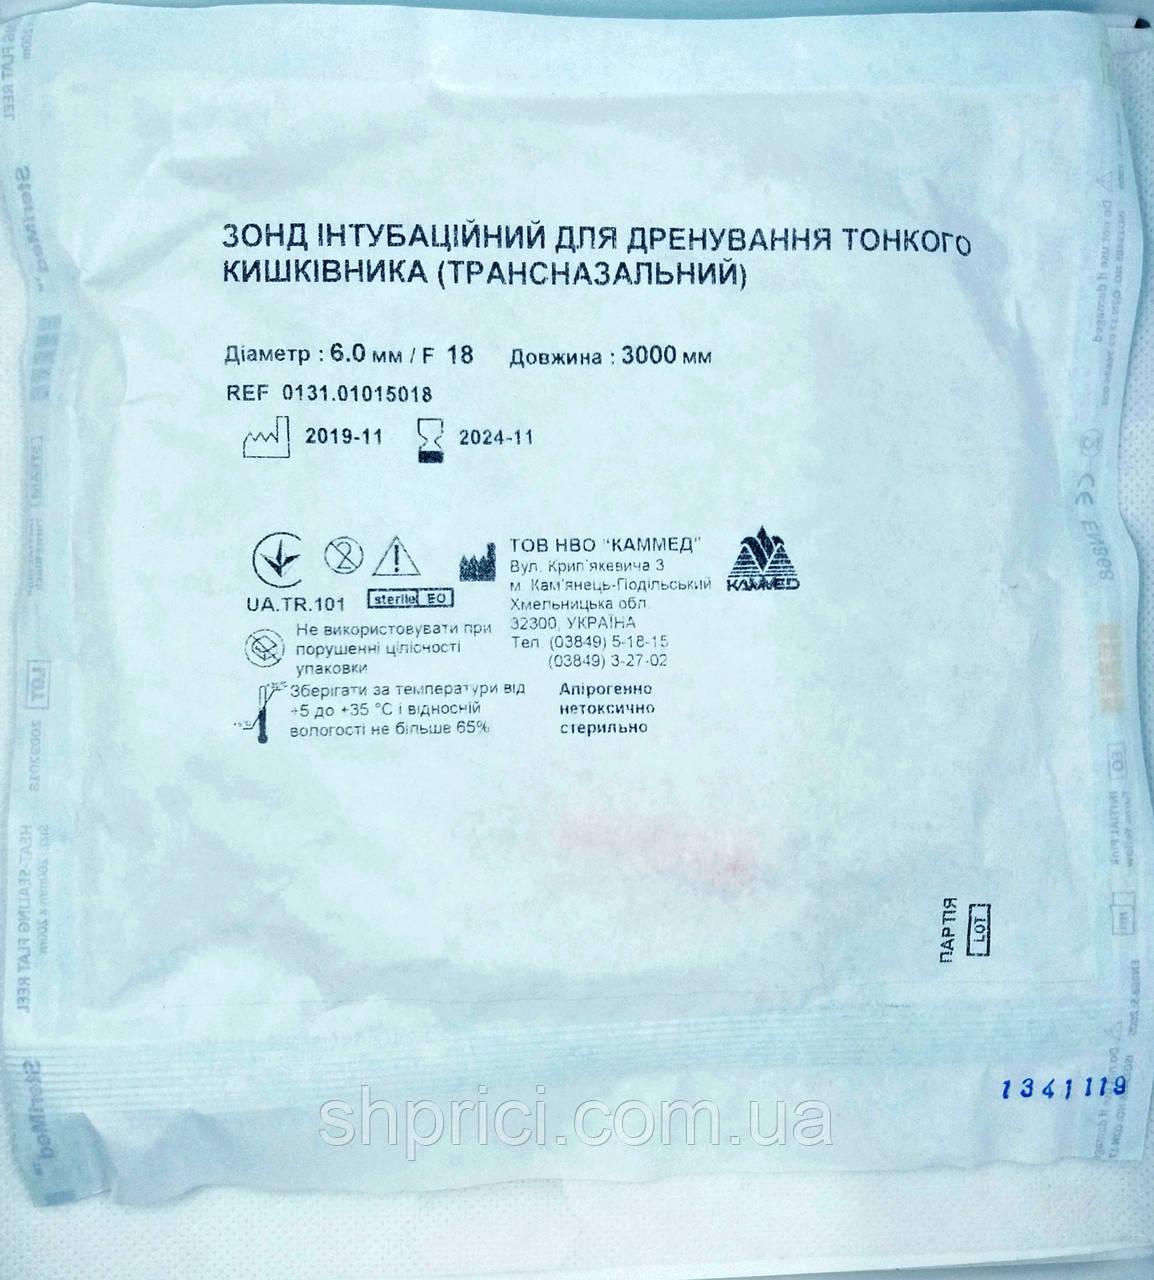 Зонд интубационный для дренирования тонкого кишечника (трансназальный) 6,0/ F18, 3000 мм/ Каммед